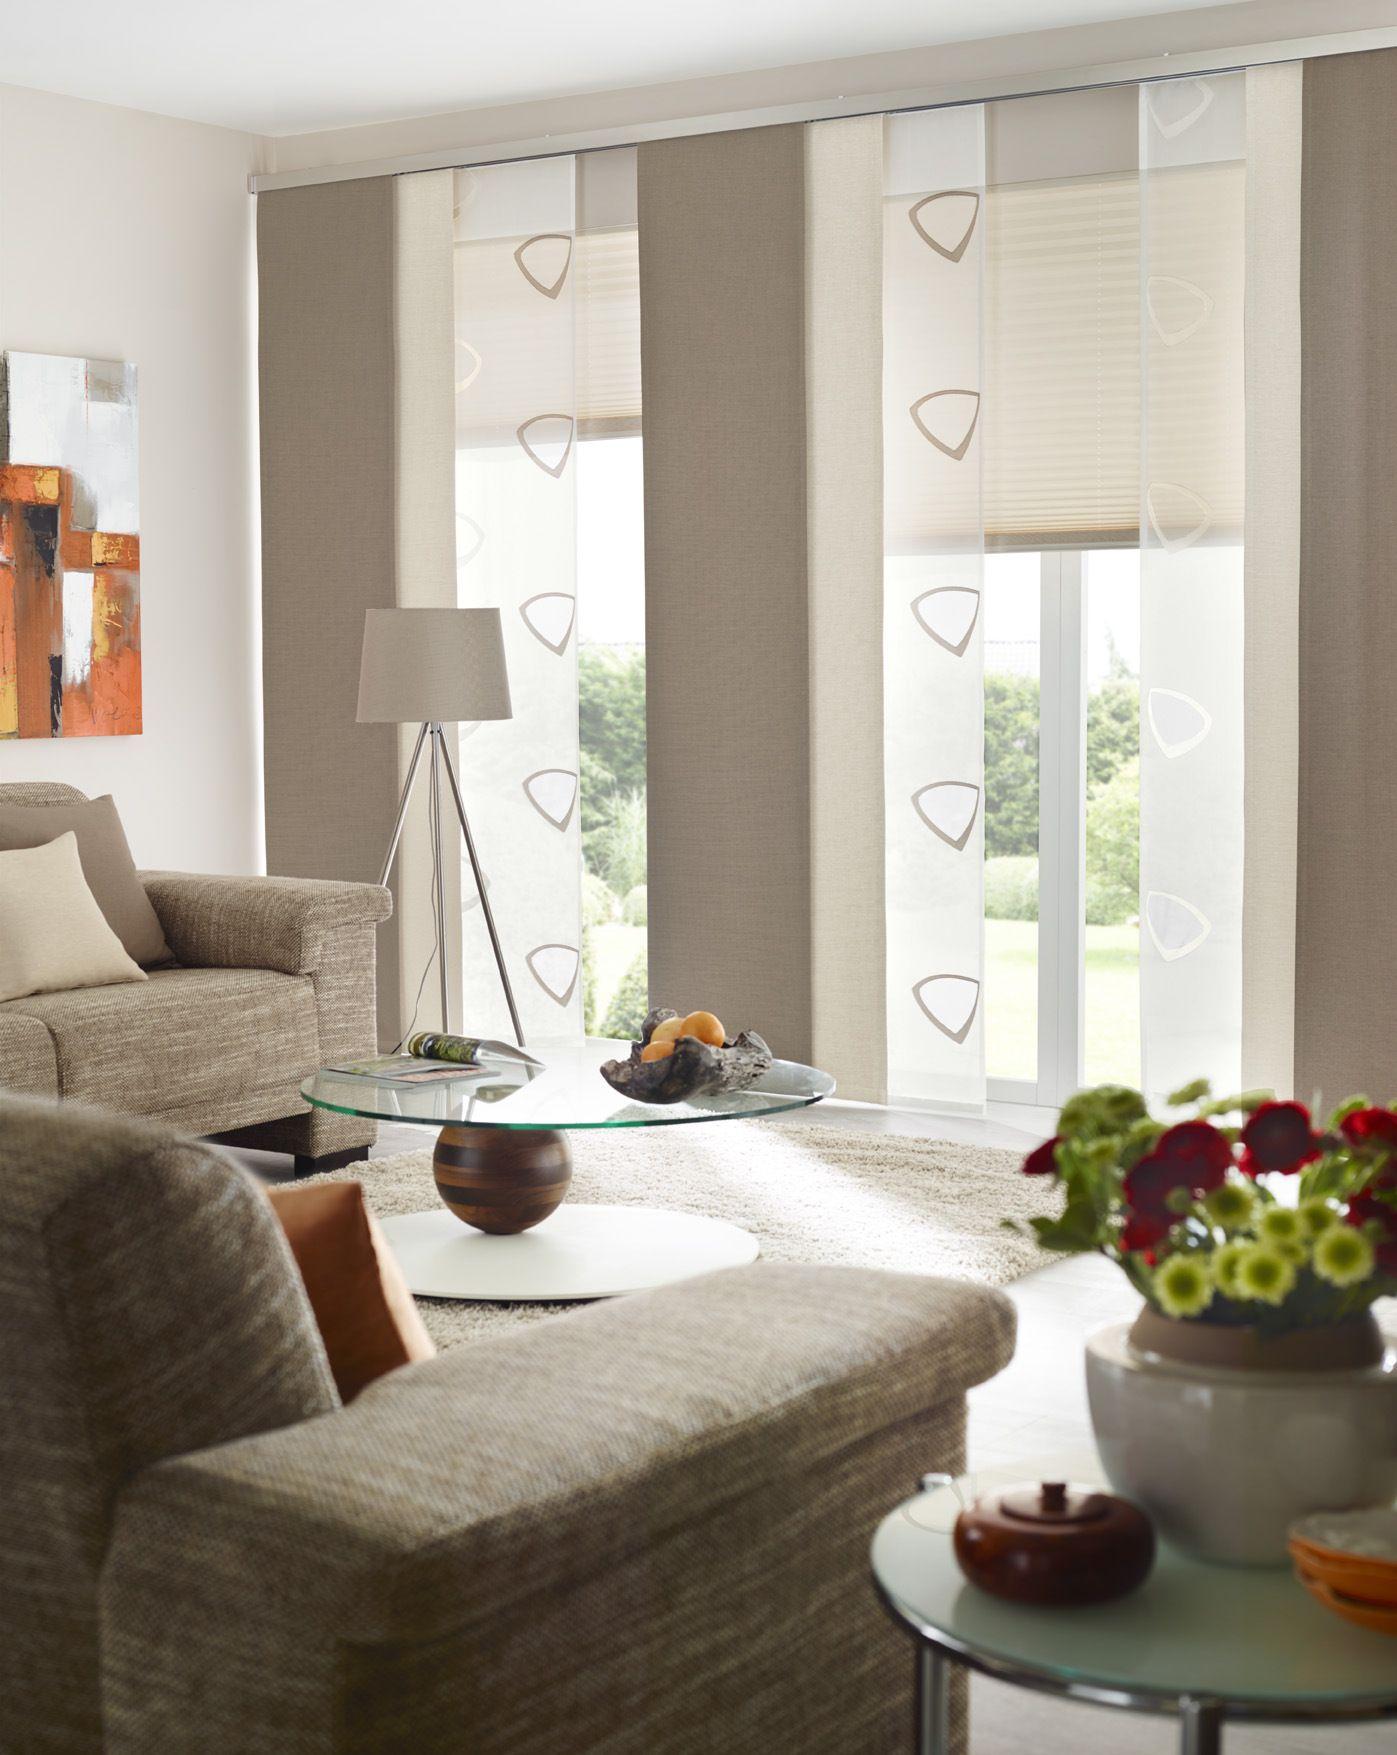 Full Size of Vorhänge Wohnzimmer Fenster Urbansteel Deckenlampen Modern Pendelleuchte Anbauwand Großes Bild Vorhang Hängeschrank Weiß Hochglanz Teppich Deckenleuchten Wohnzimmer Vorhänge Wohnzimmer